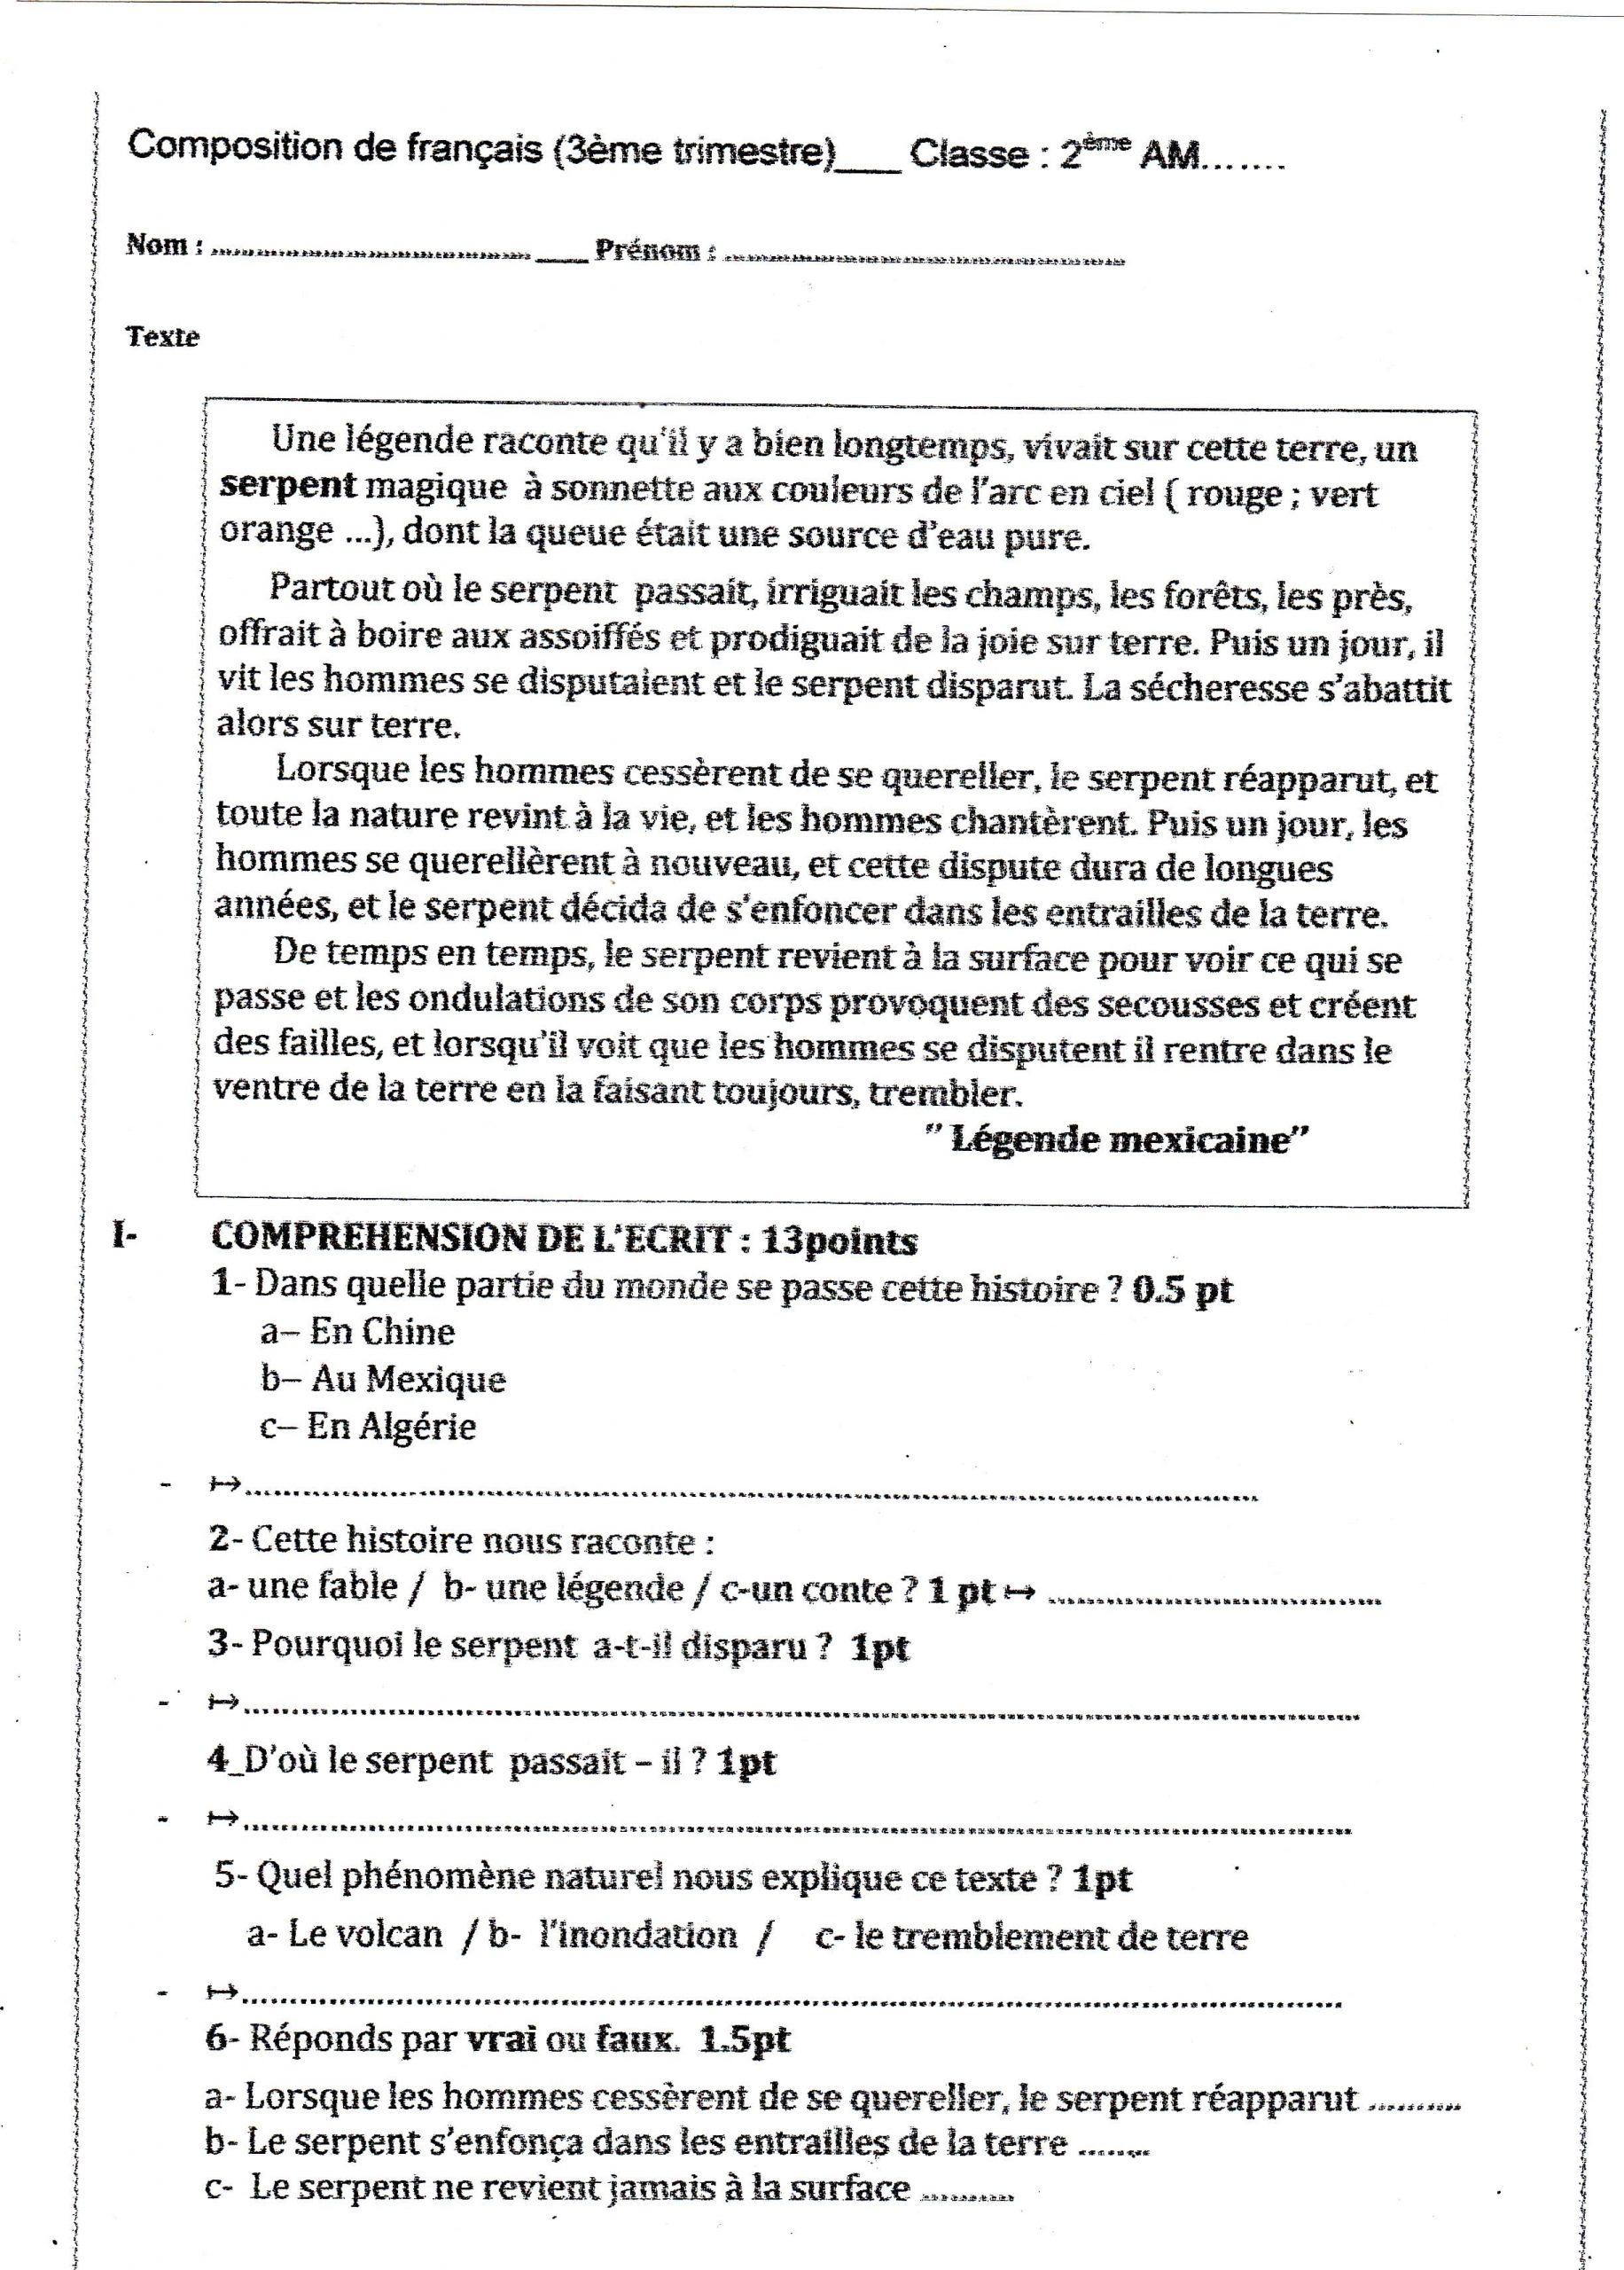 اختبار الفصل الثالث في اللغة الفرنسية السنة الثانية متوسط - الموضوع 03